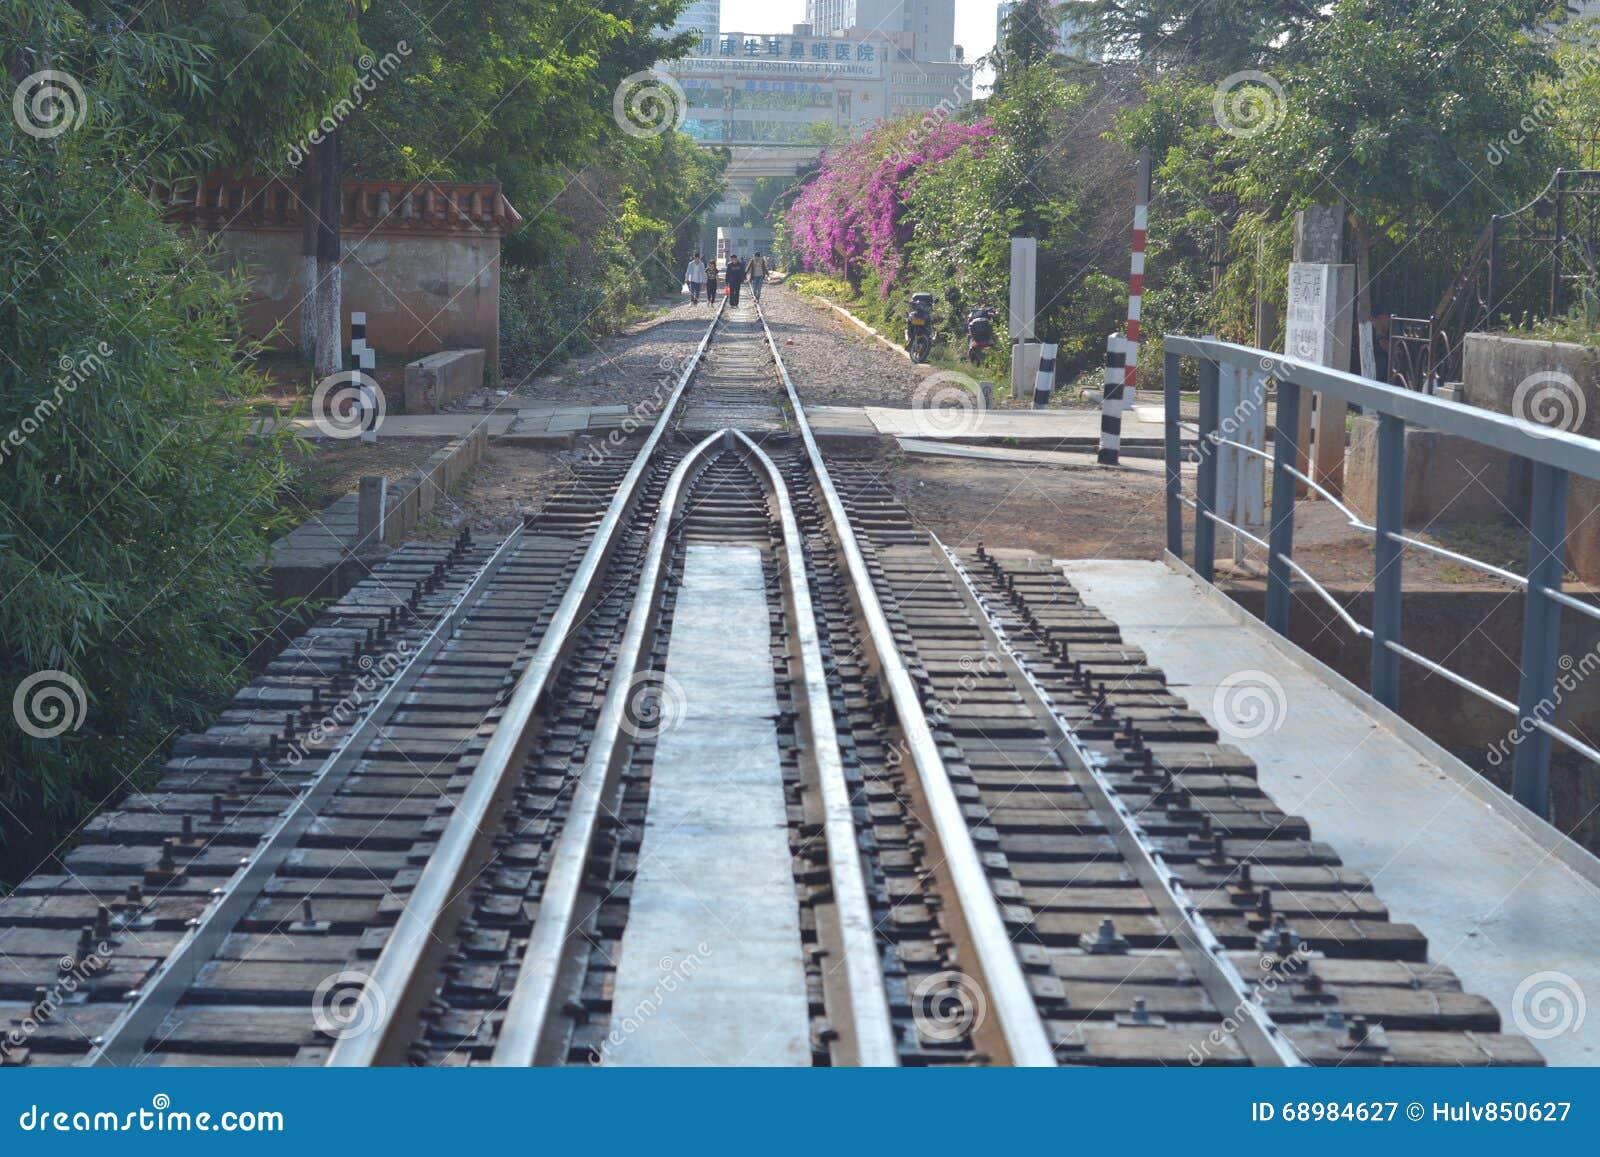 Ferrocarril a través de la ciudad